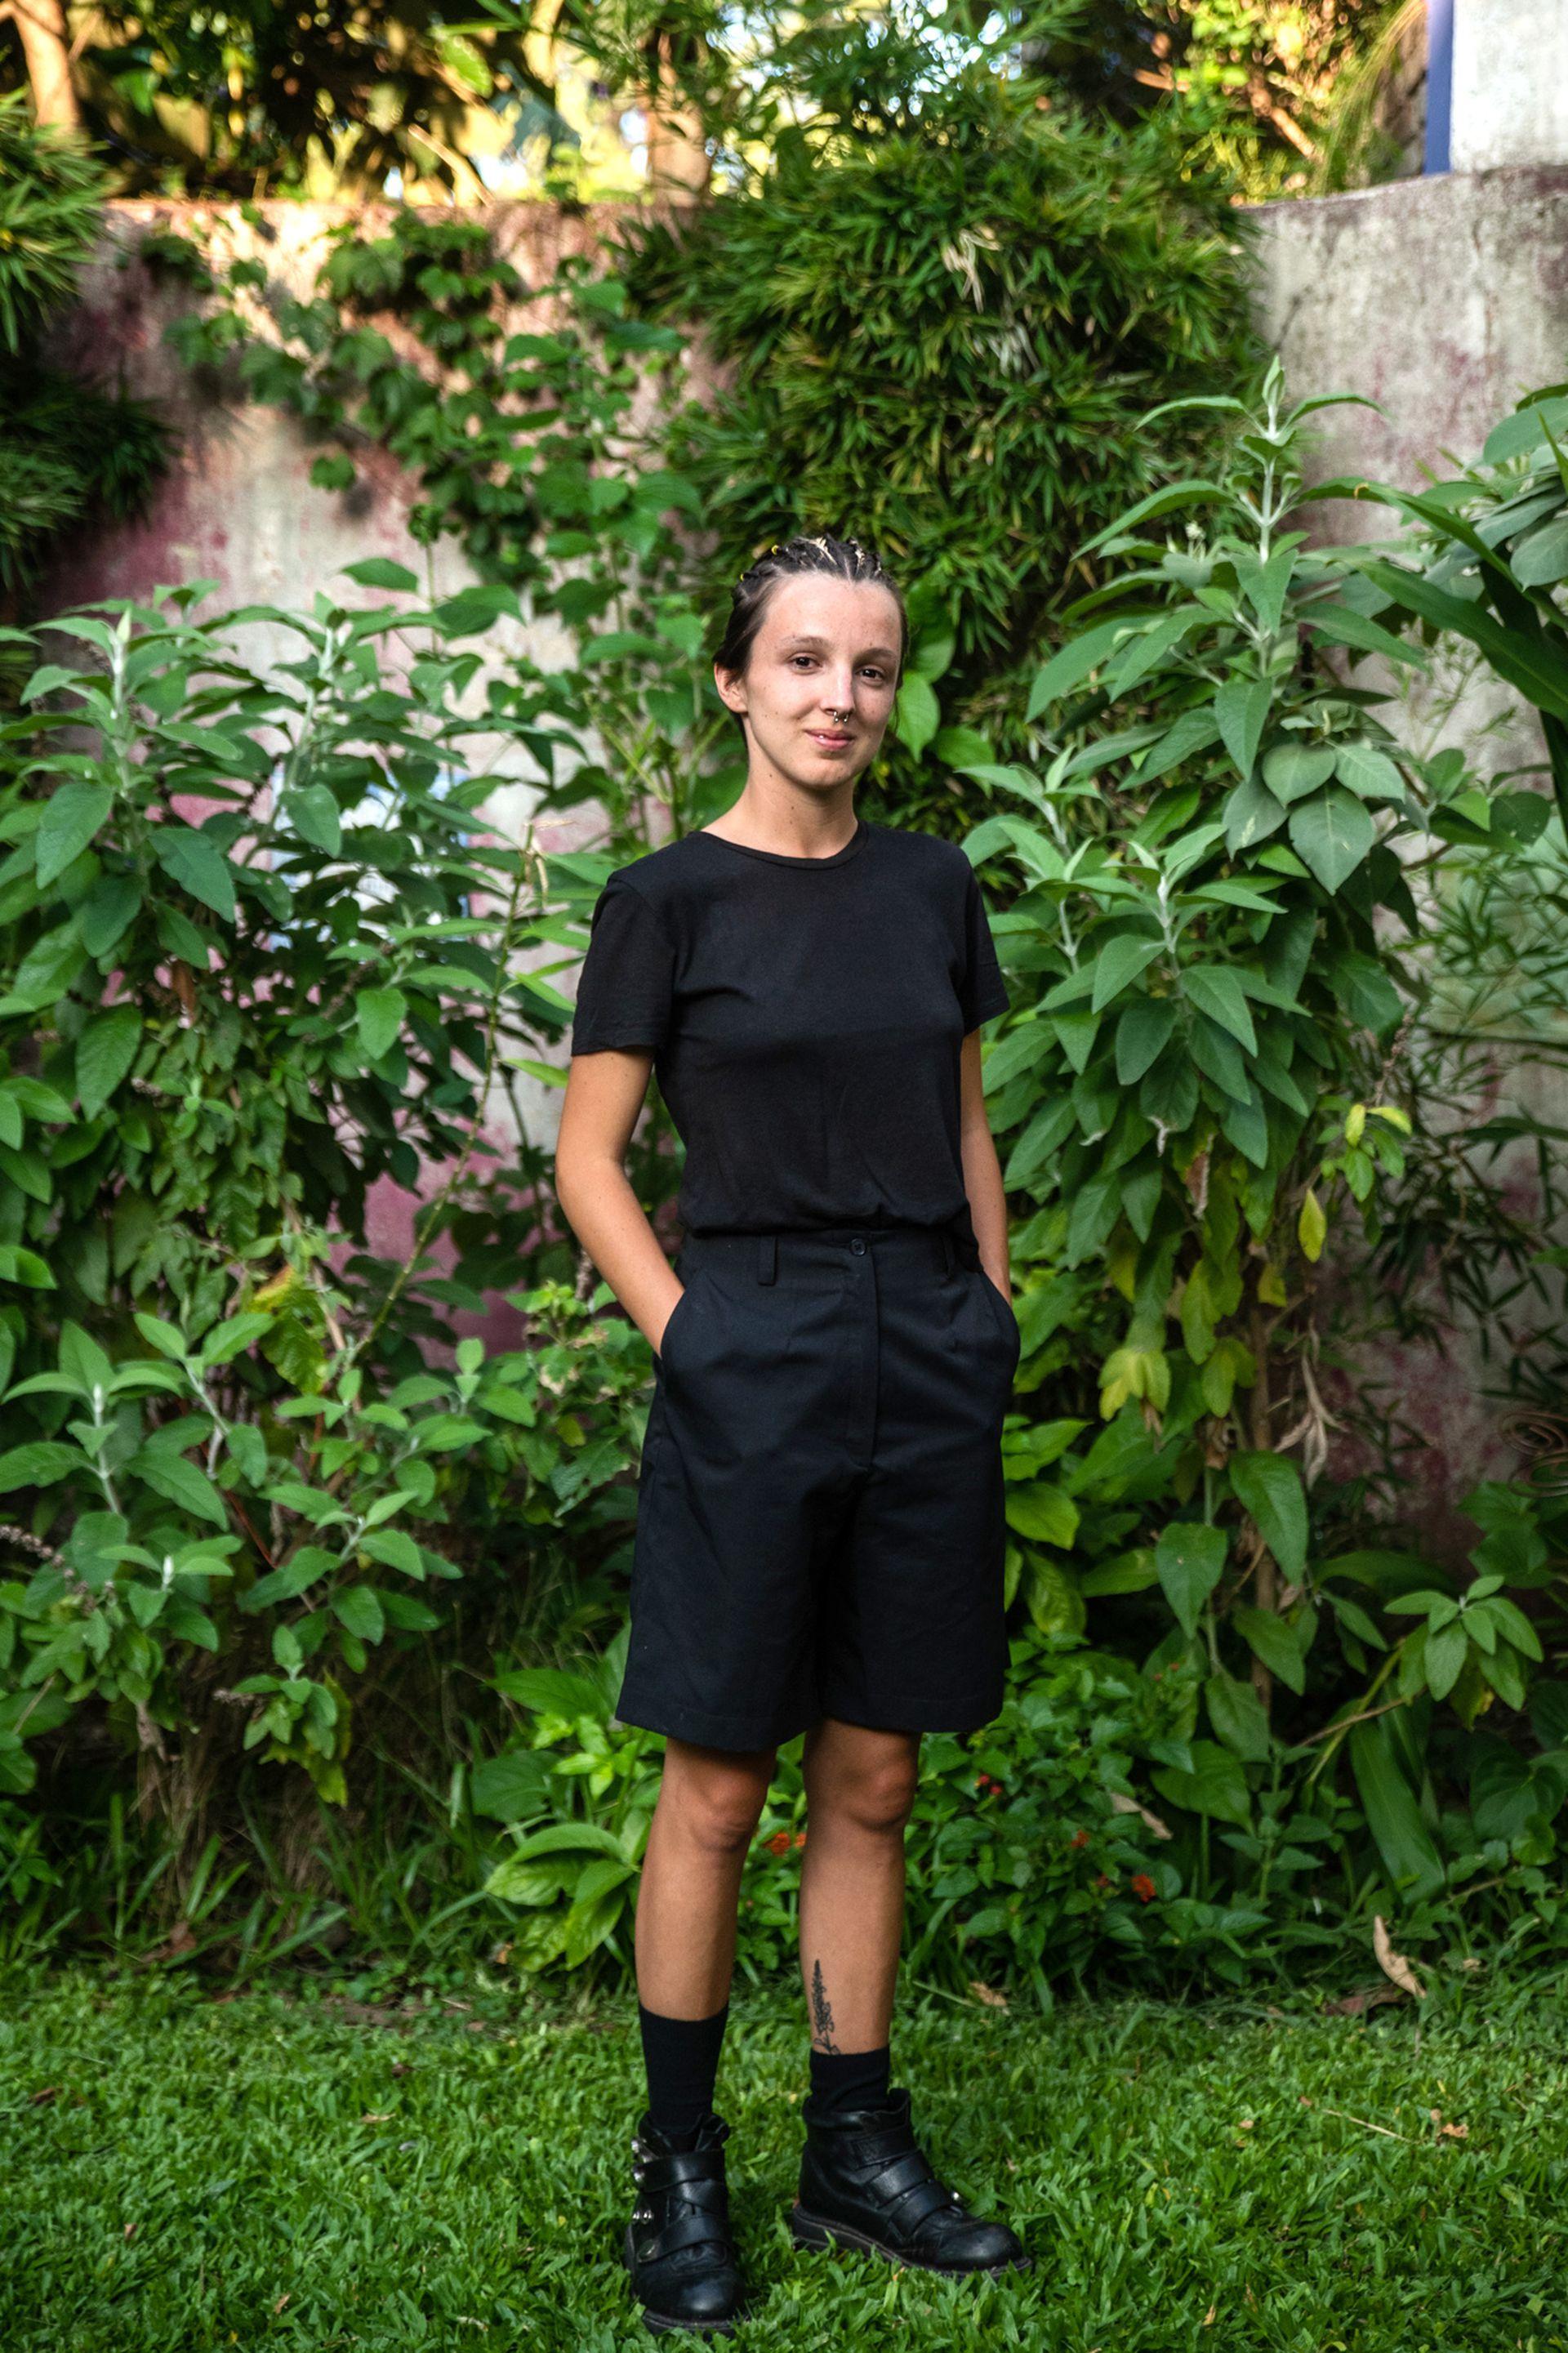 Candela Thays es la quinta generación de su familia en dedicarse al paisajismo